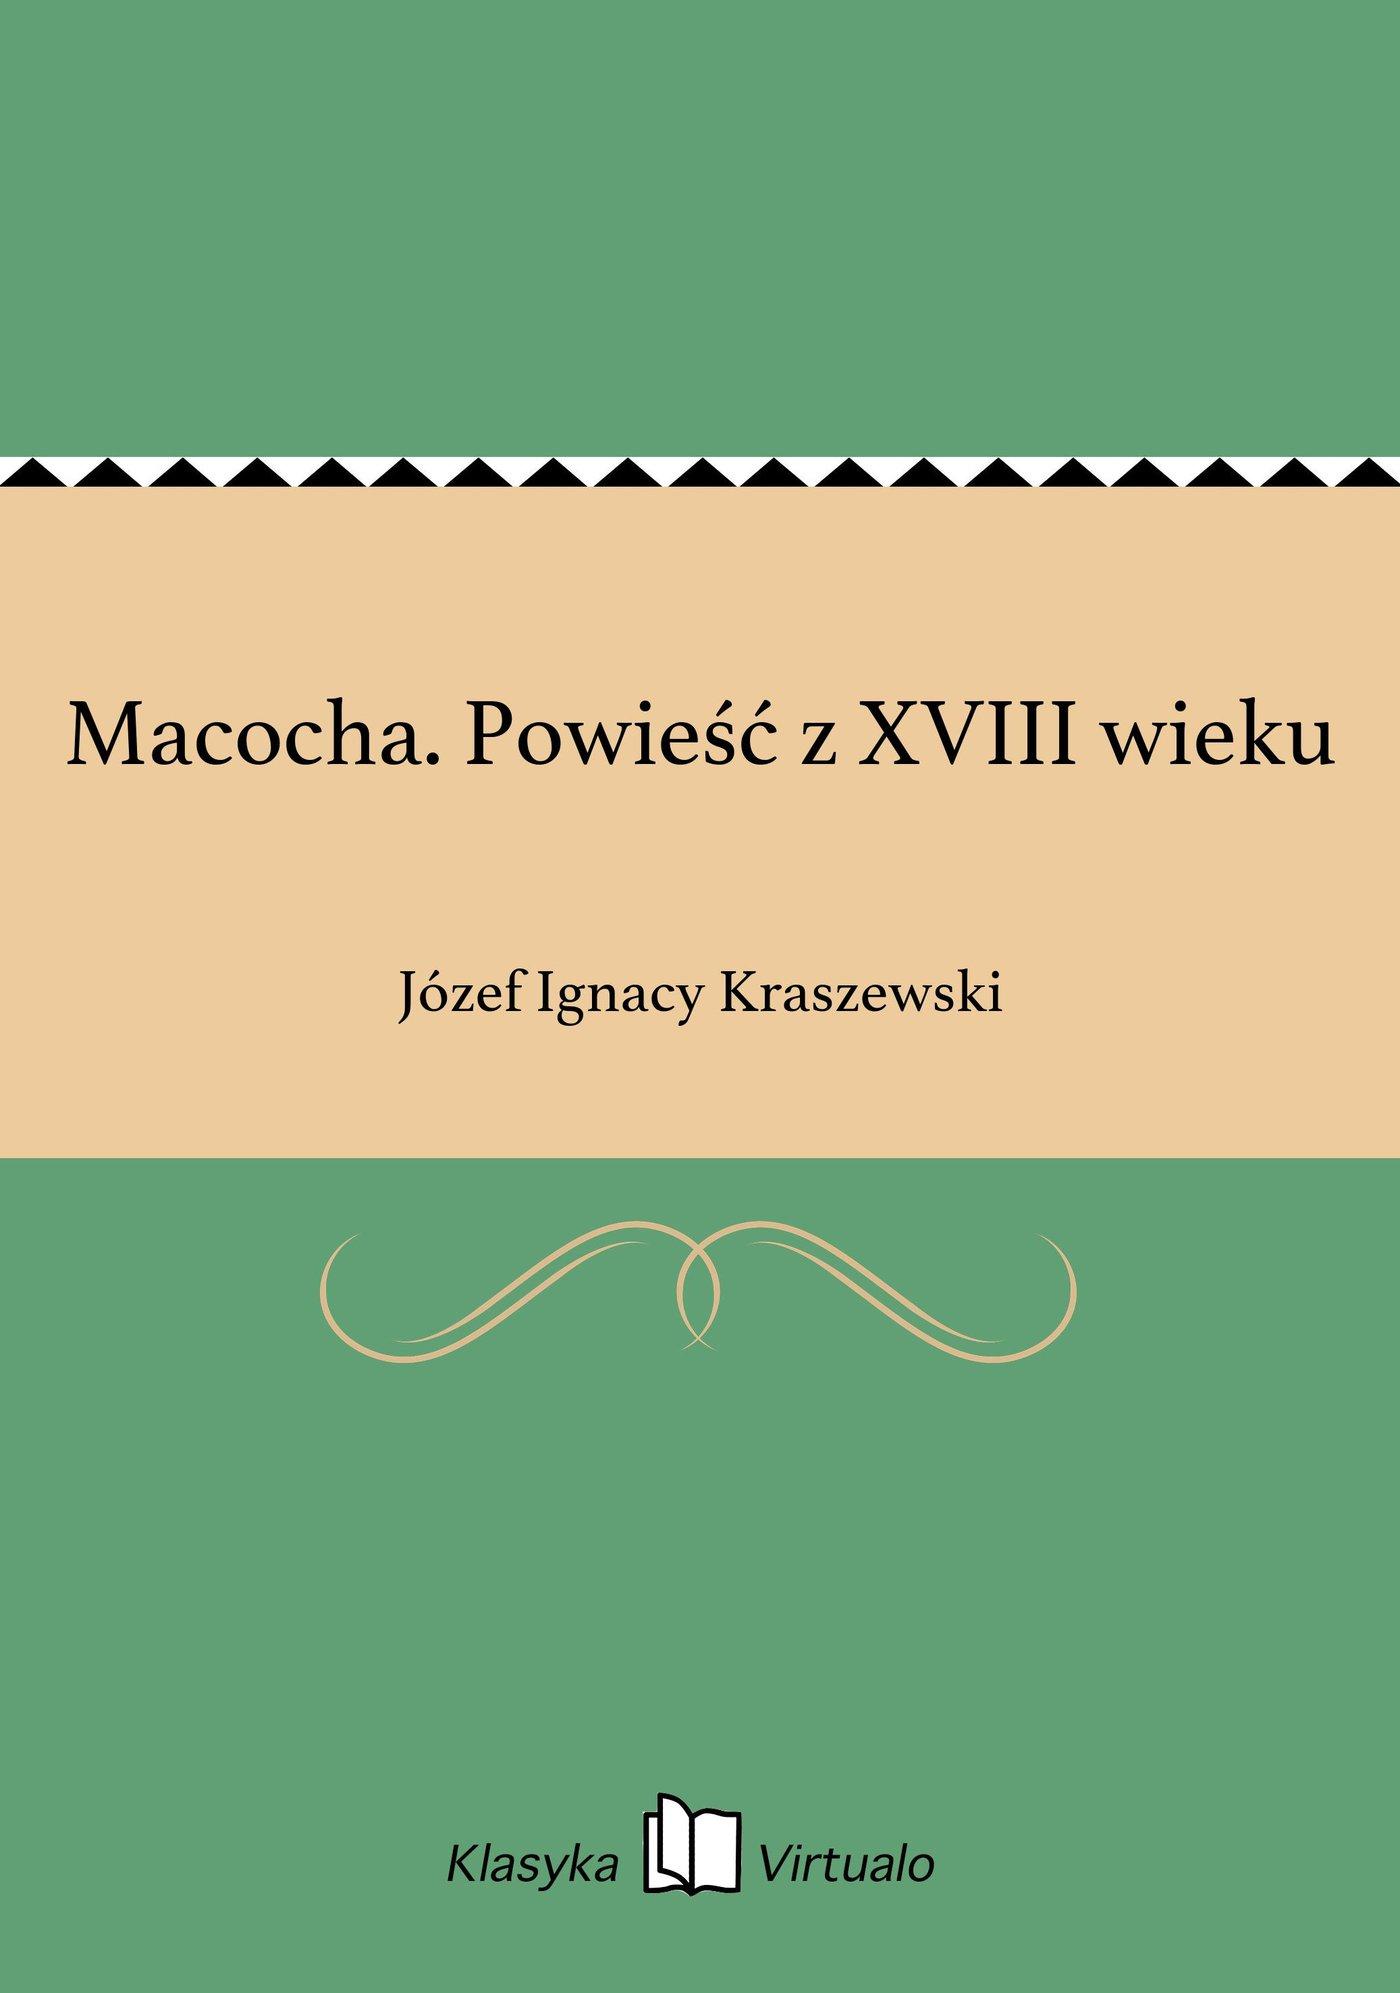 Macocha. Powieść z XVIII wieku - Ebook (Książka na Kindle) do pobrania w formacie MOBI